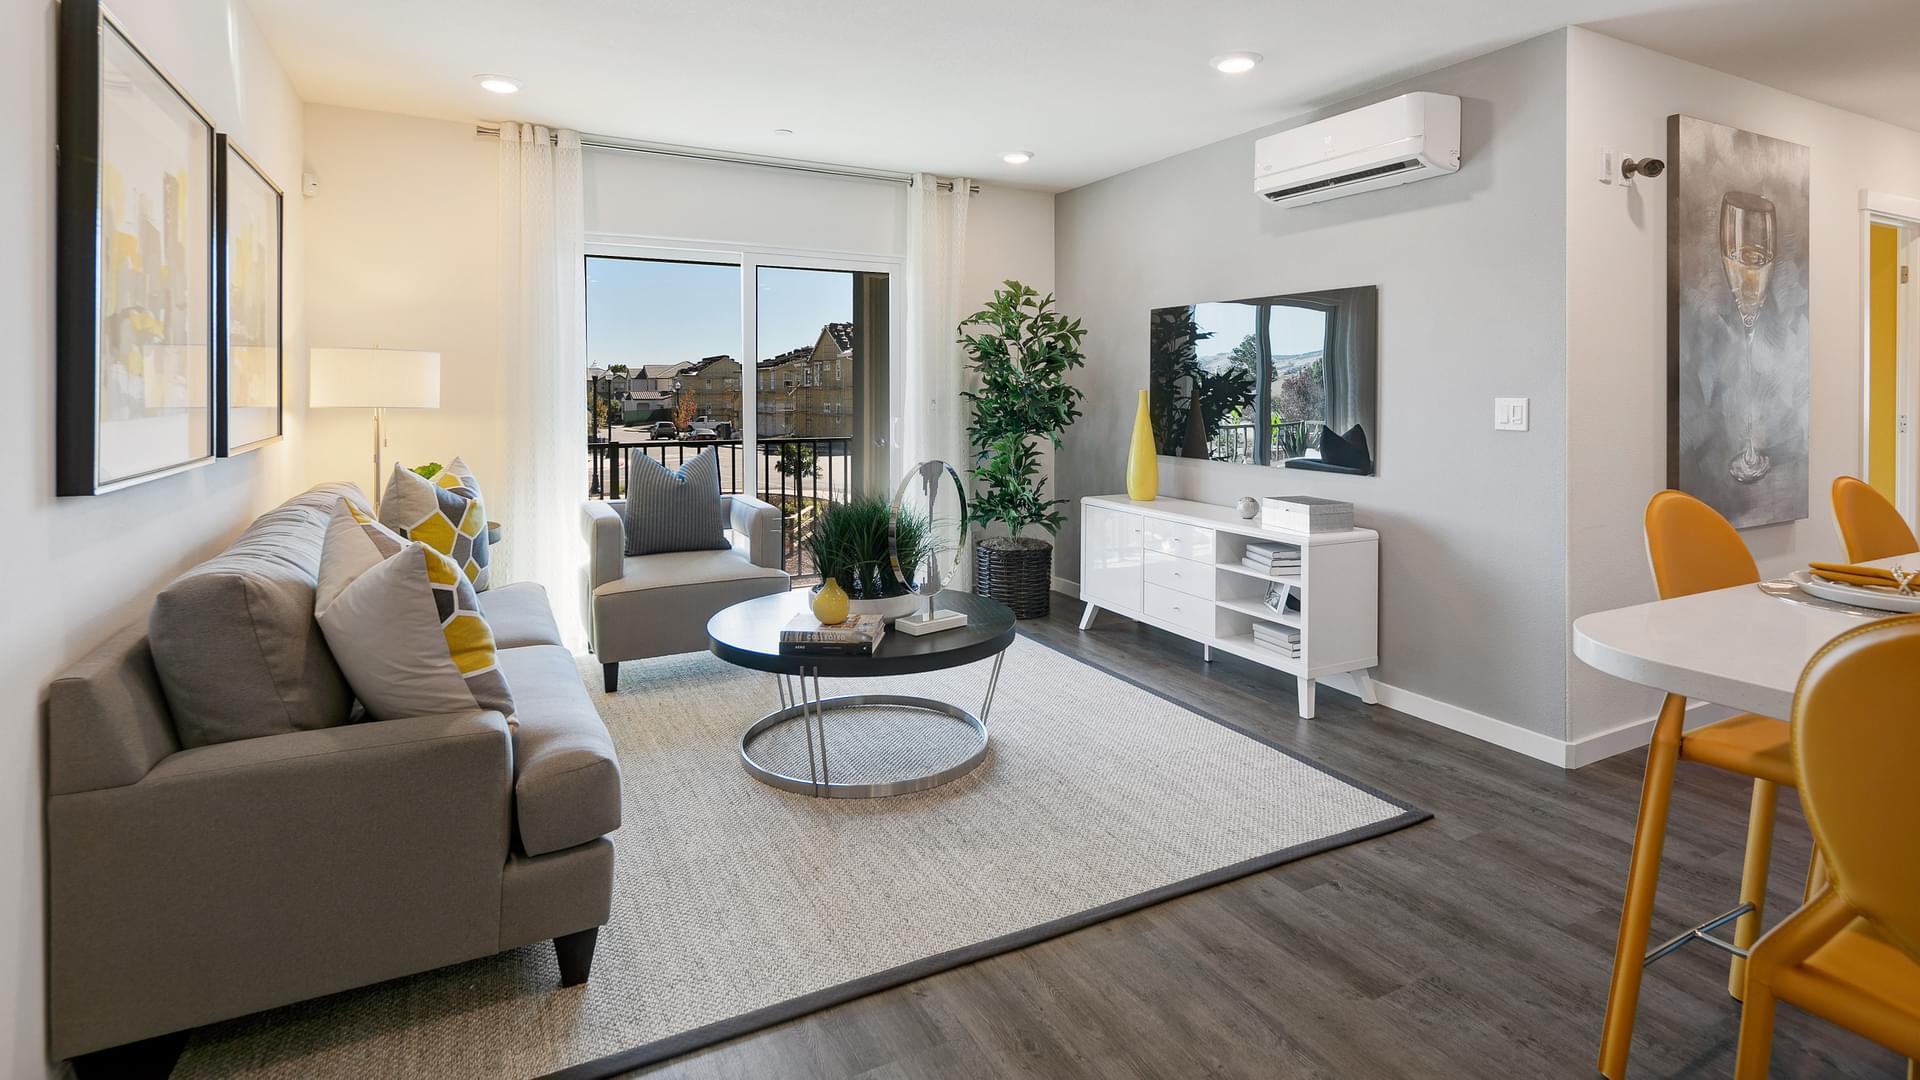 Residence 4 Living Room